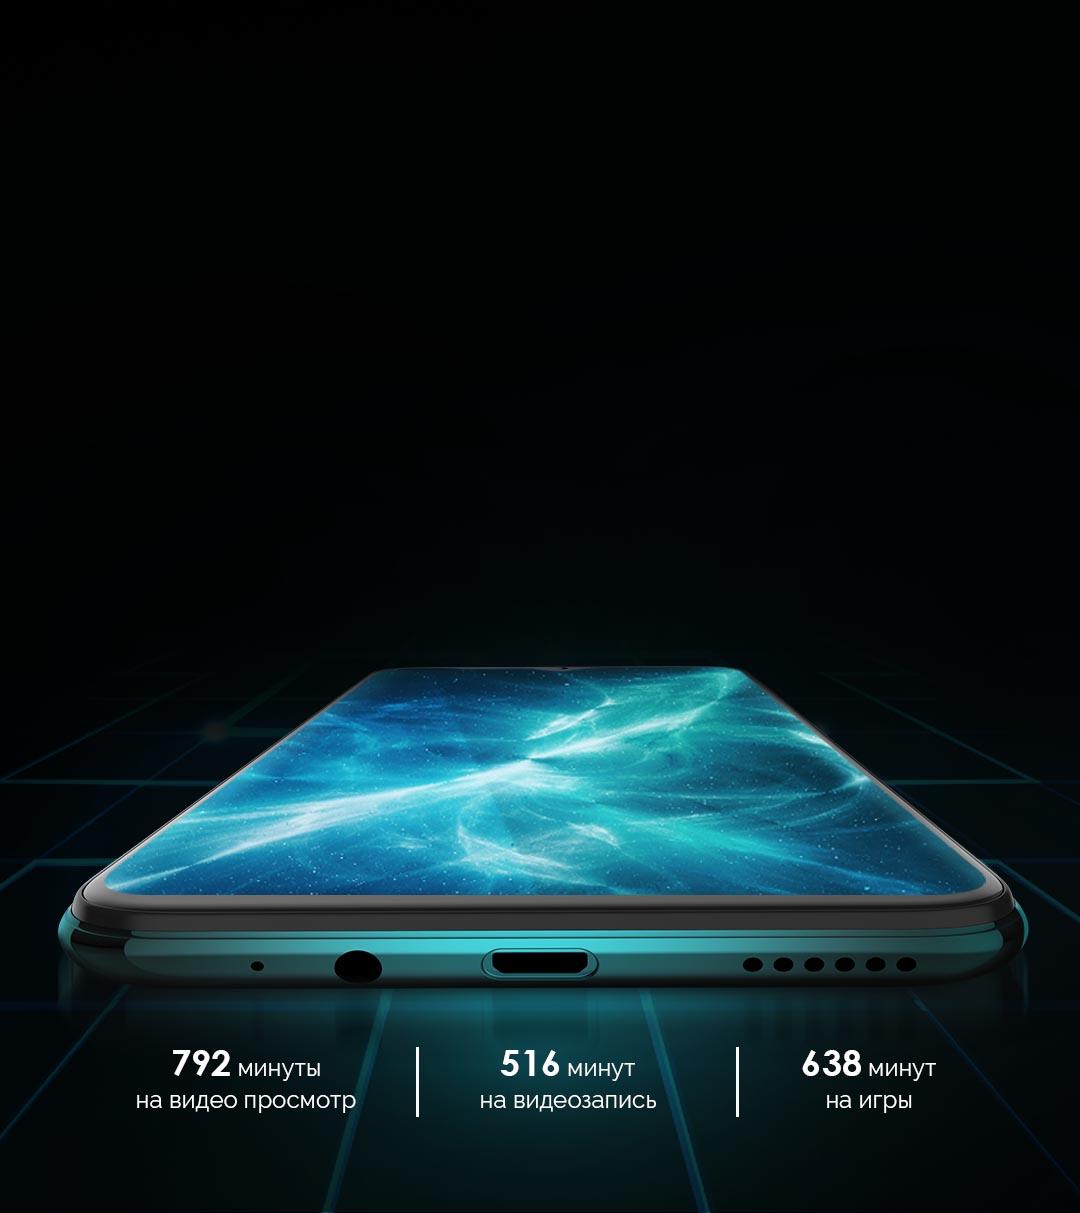 Купить смартфоны TECNO Pouvoir 4 в Донецком интернет магазине МОБиТЕХ недорого